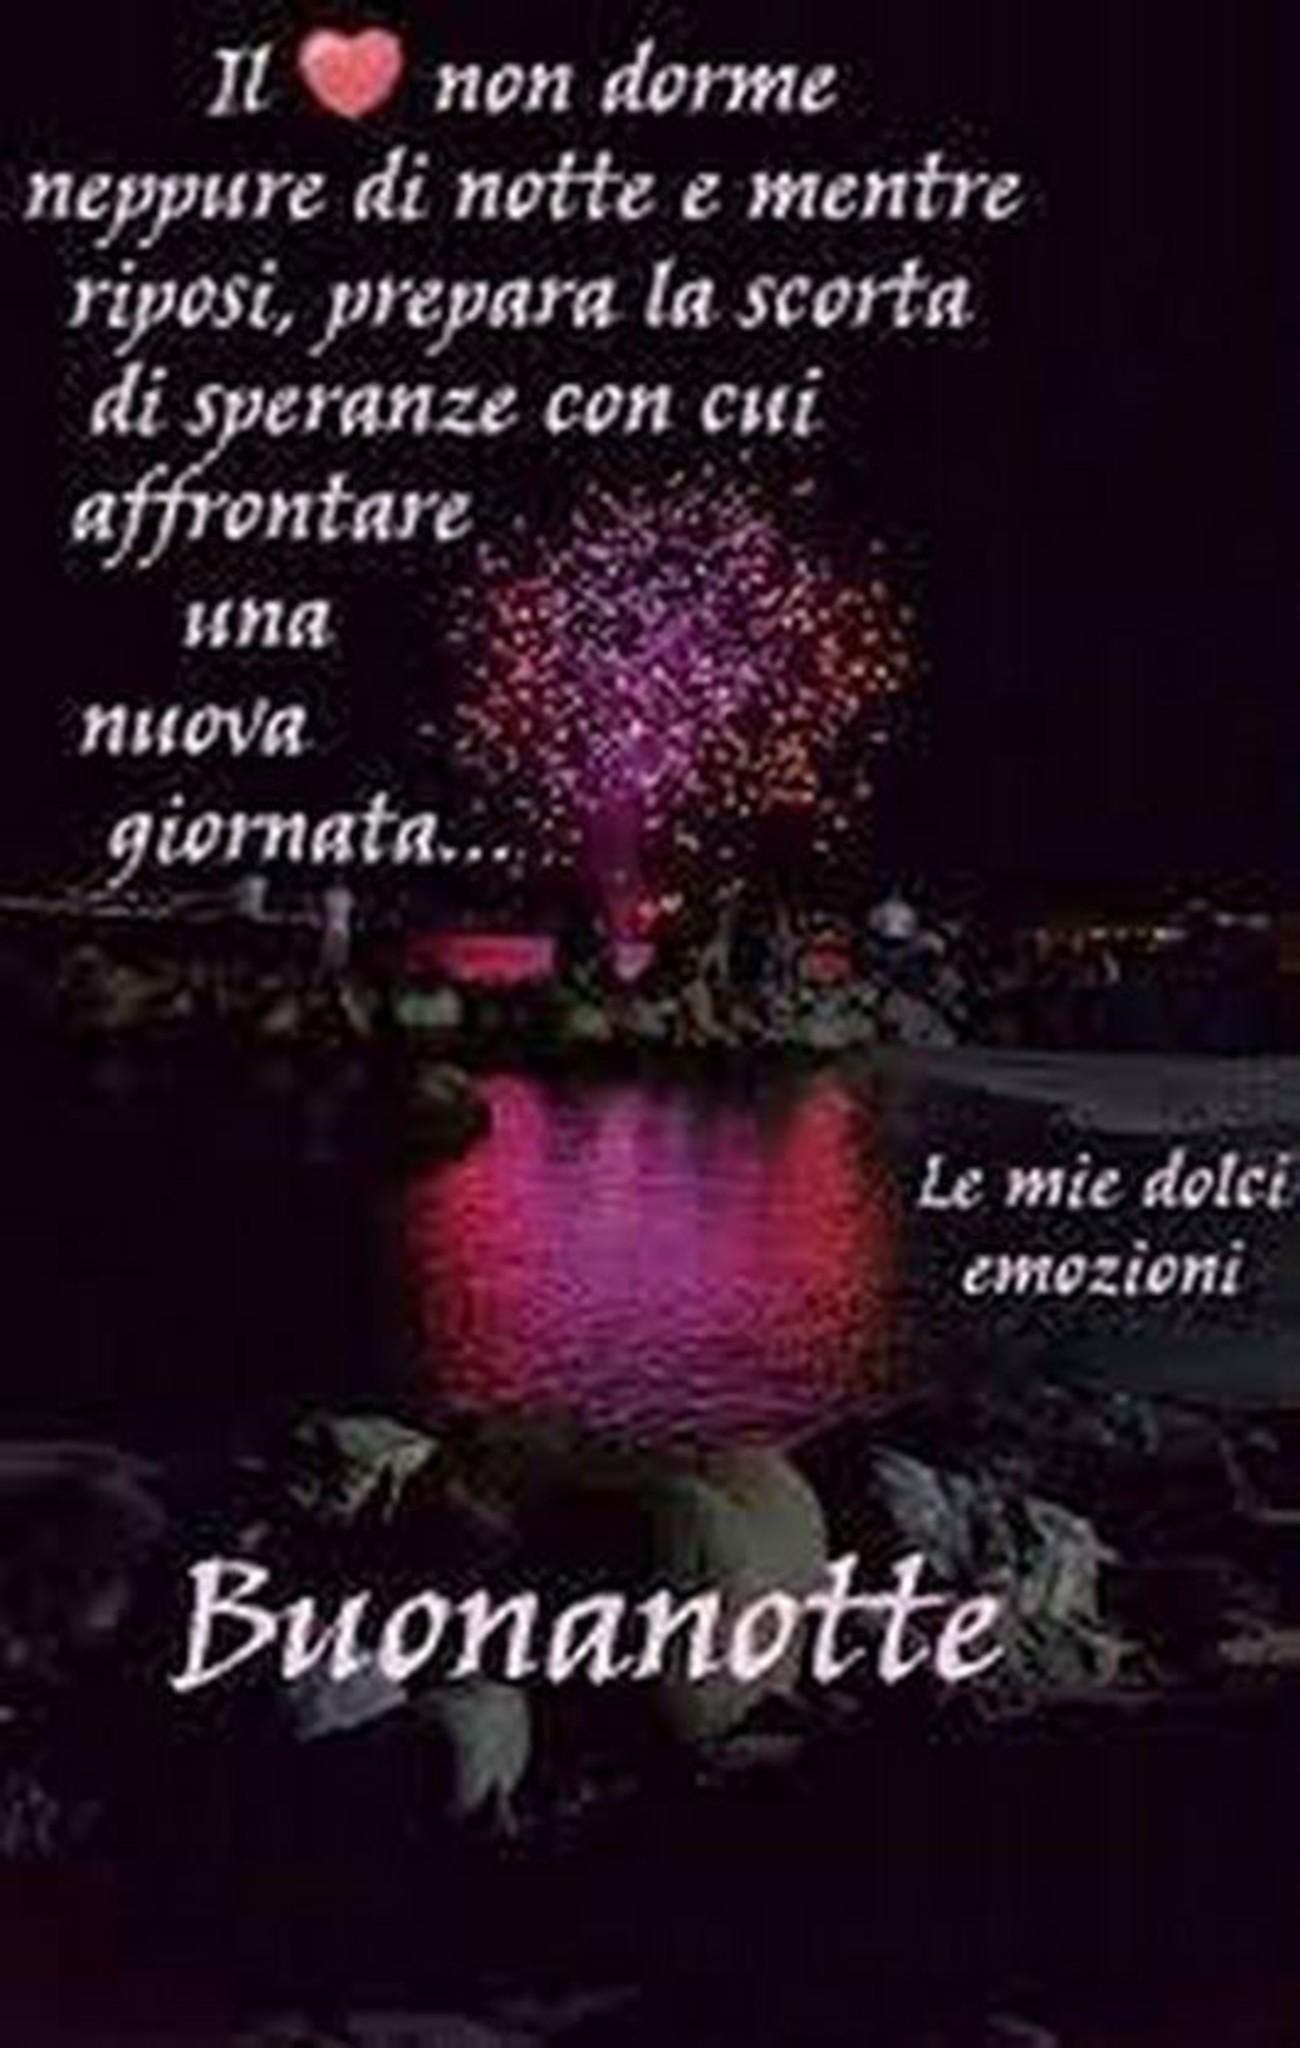 Frasi Buonanotte Nuove E Gratis 1 Buongiornoate It